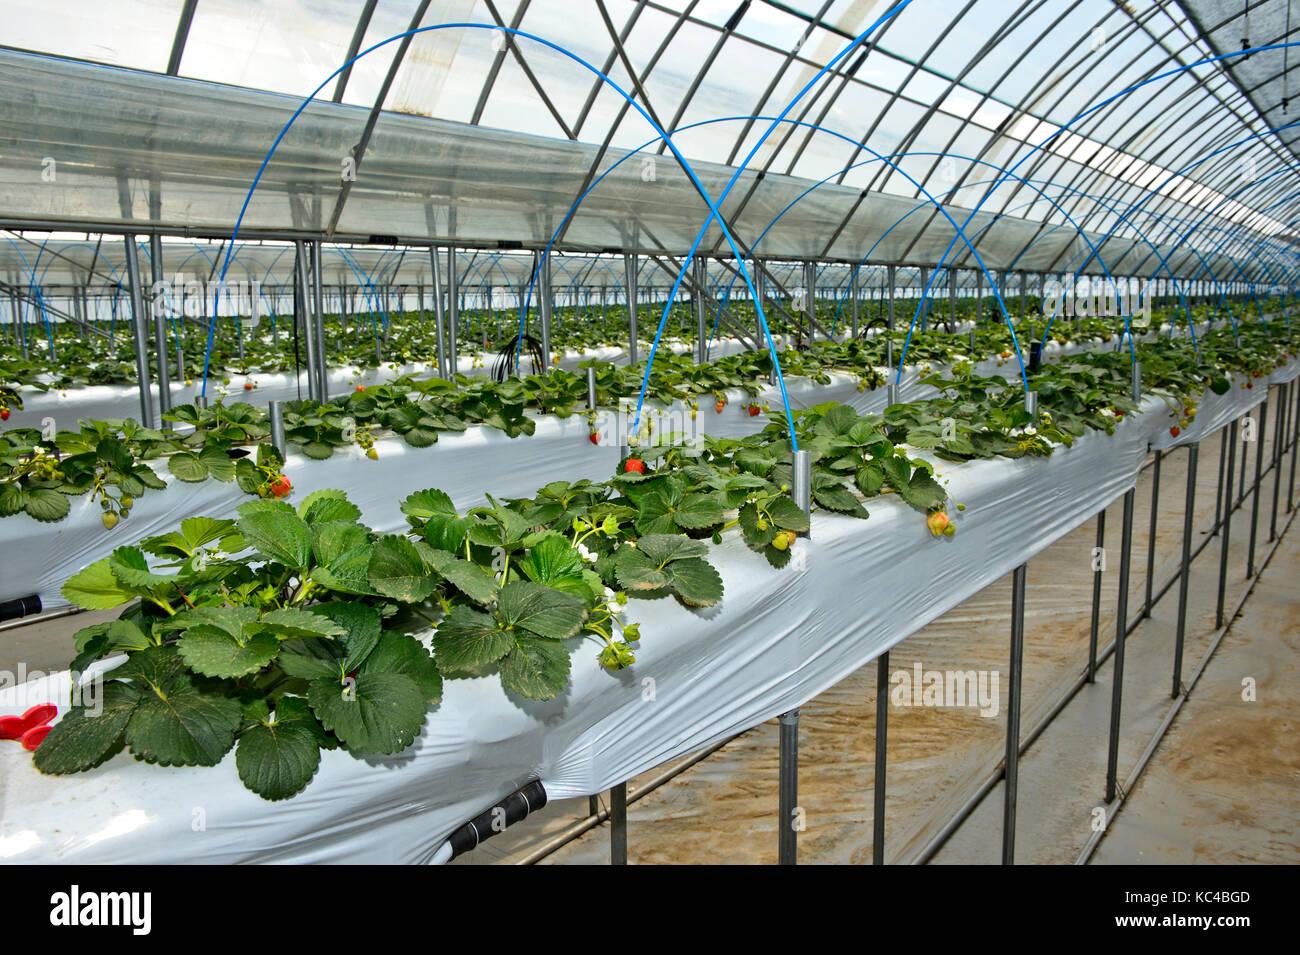 La produzione di fragole in suolo privo di substrati in una serra, mongolo-giapponese di joint venture fattoria Immagini Stock